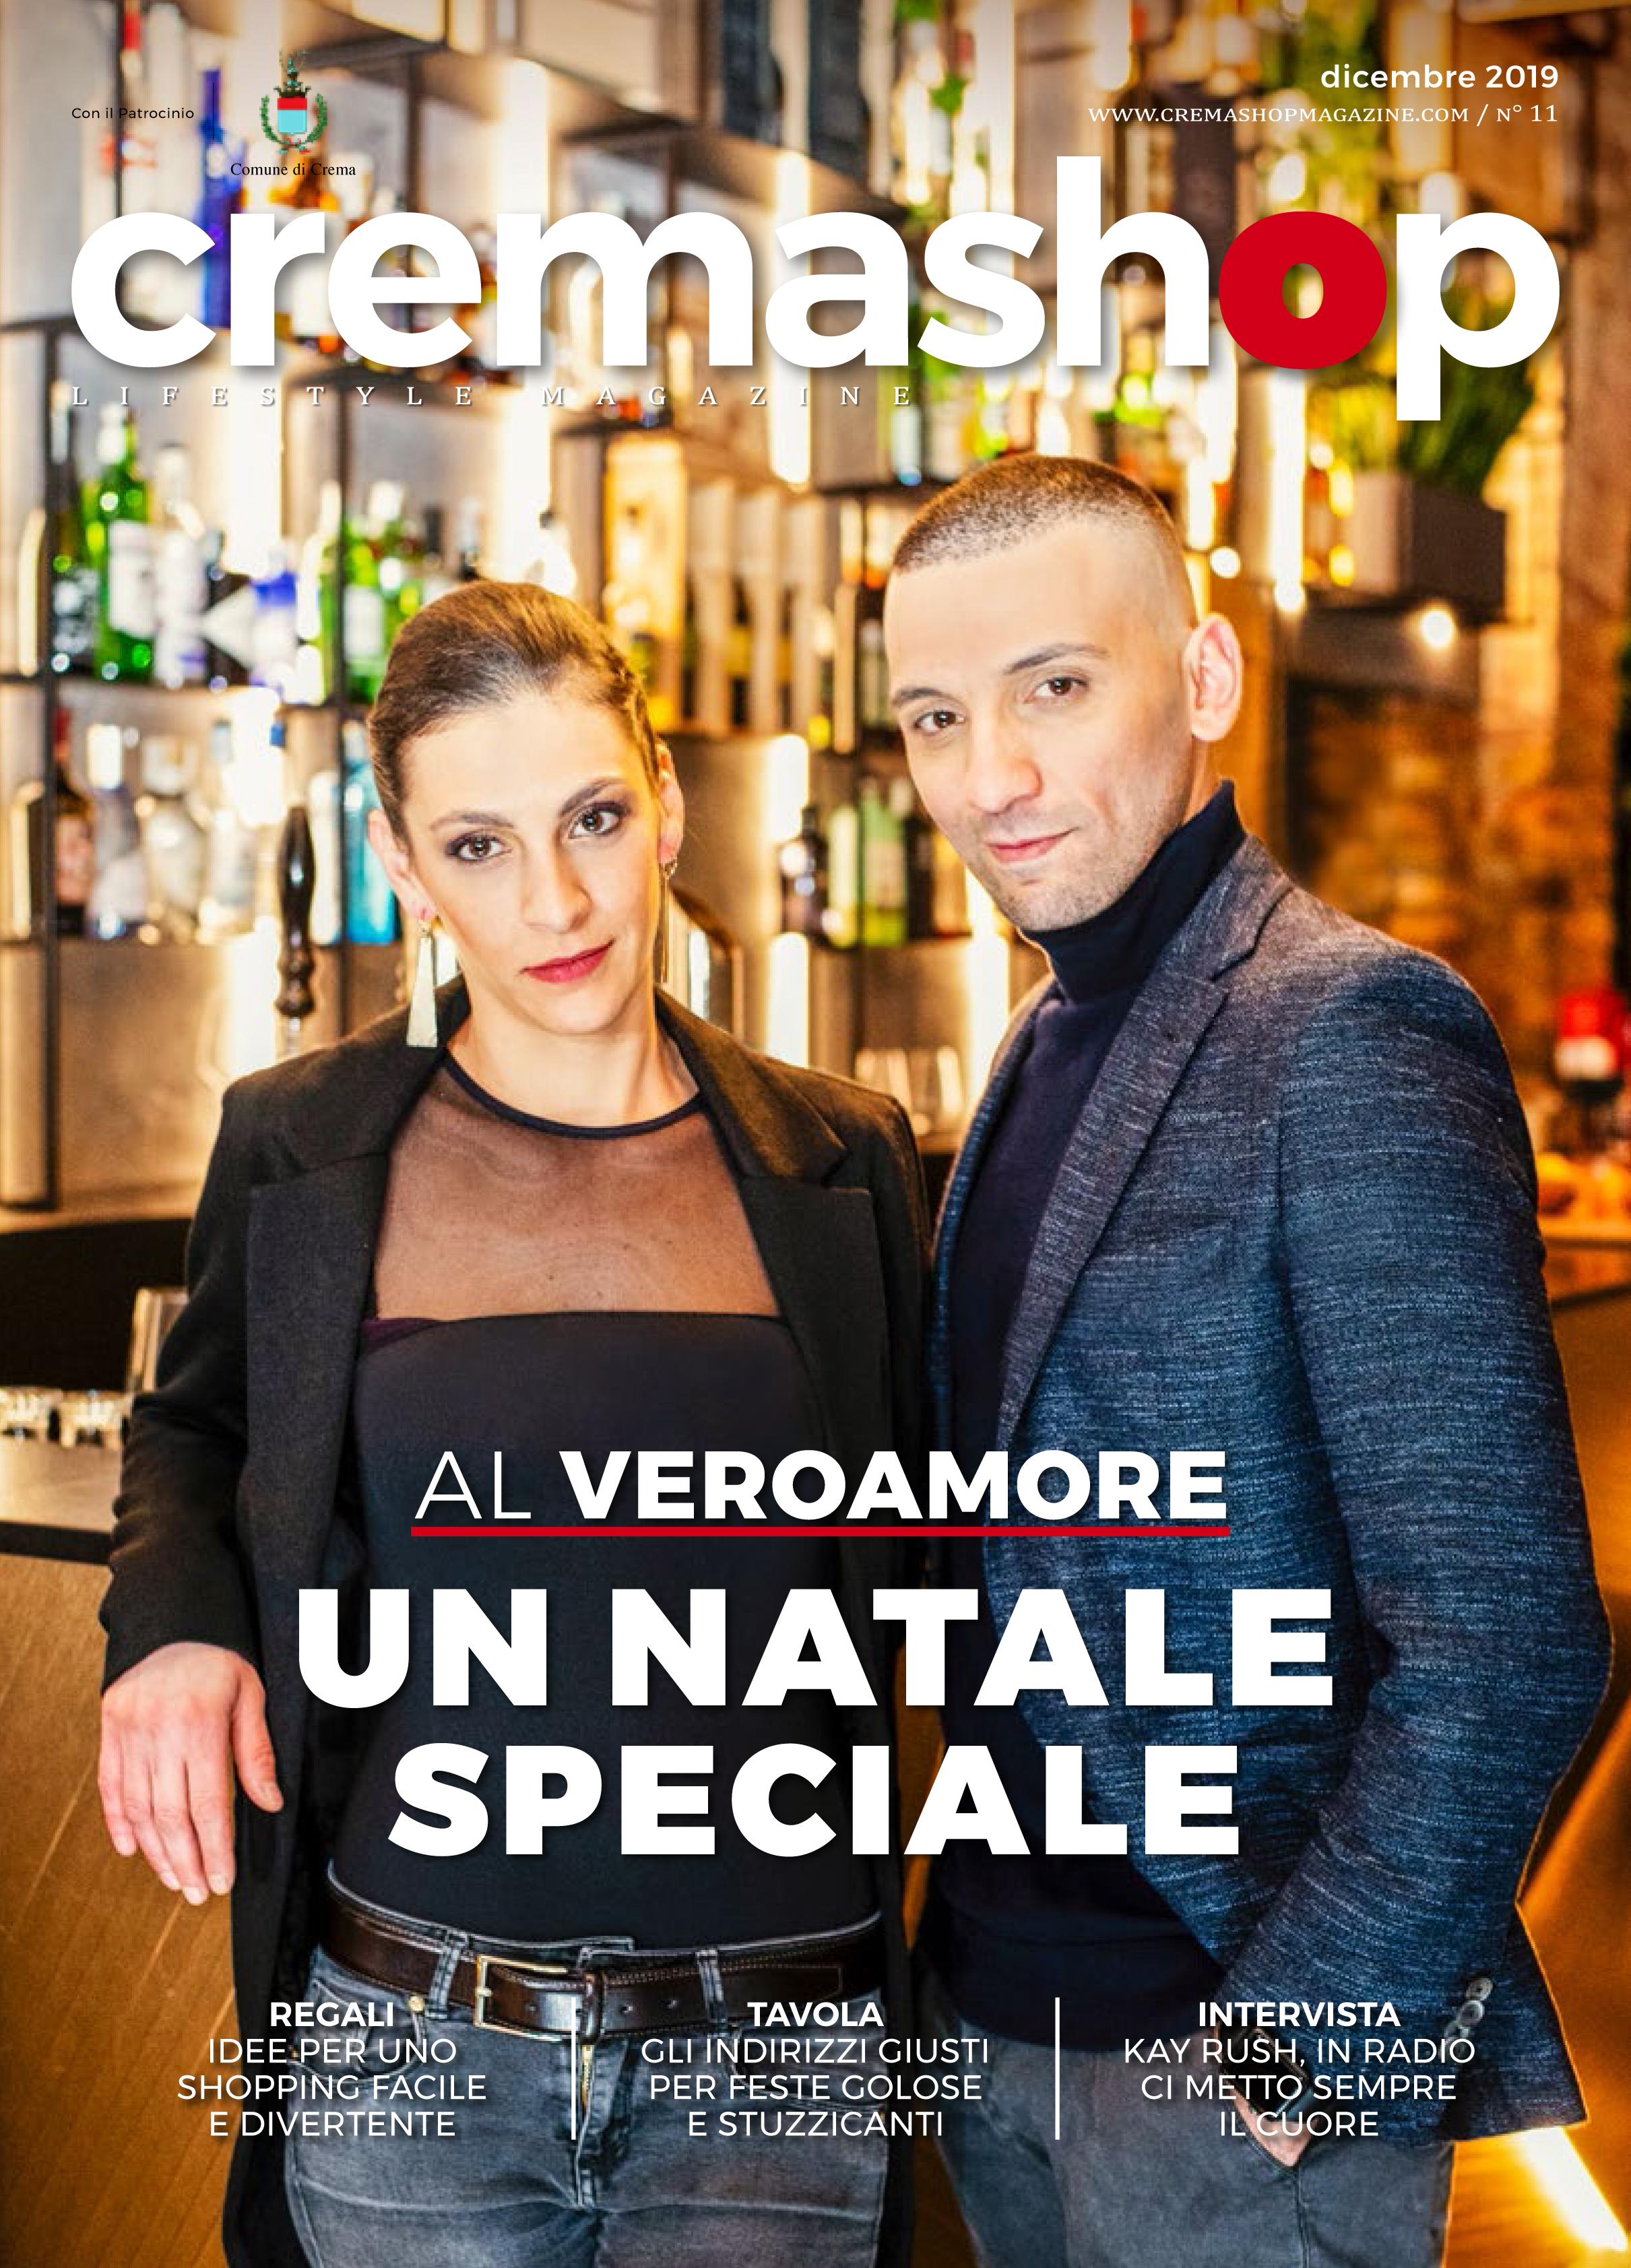 cremashop magazine dicembre crema cremasco locali ristoranti serate natale capodanno laboratorio veroamore vero amore